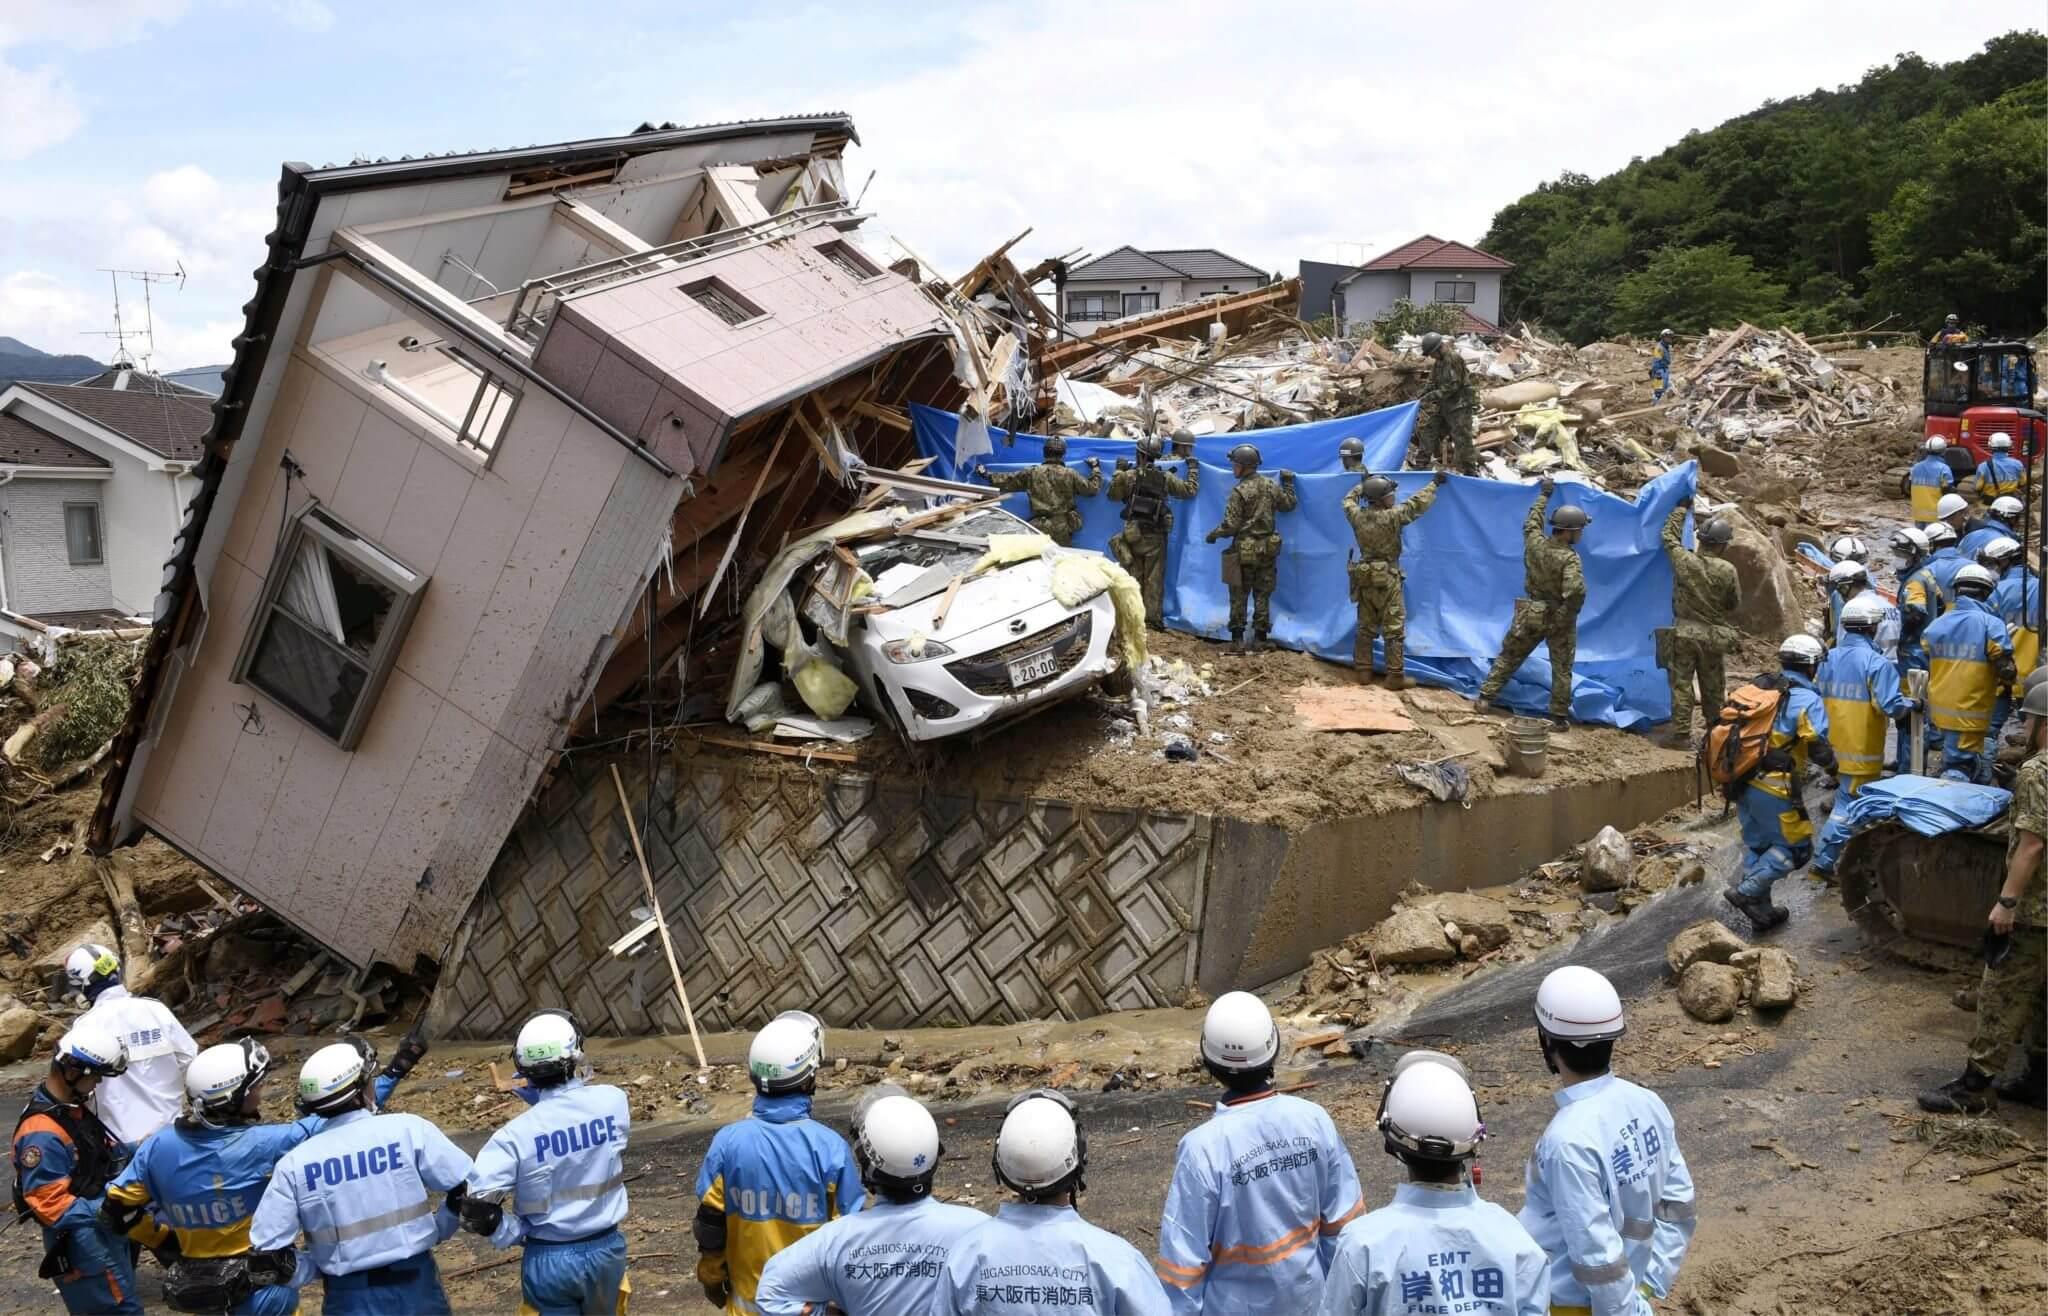 Rescatistas buscan personas desaparecidas en una casa dañada por fuertes lluvias en Kumano, prefectura de Hiroshima, el 9 de julio. Fotografía: Kyodo/Reuters